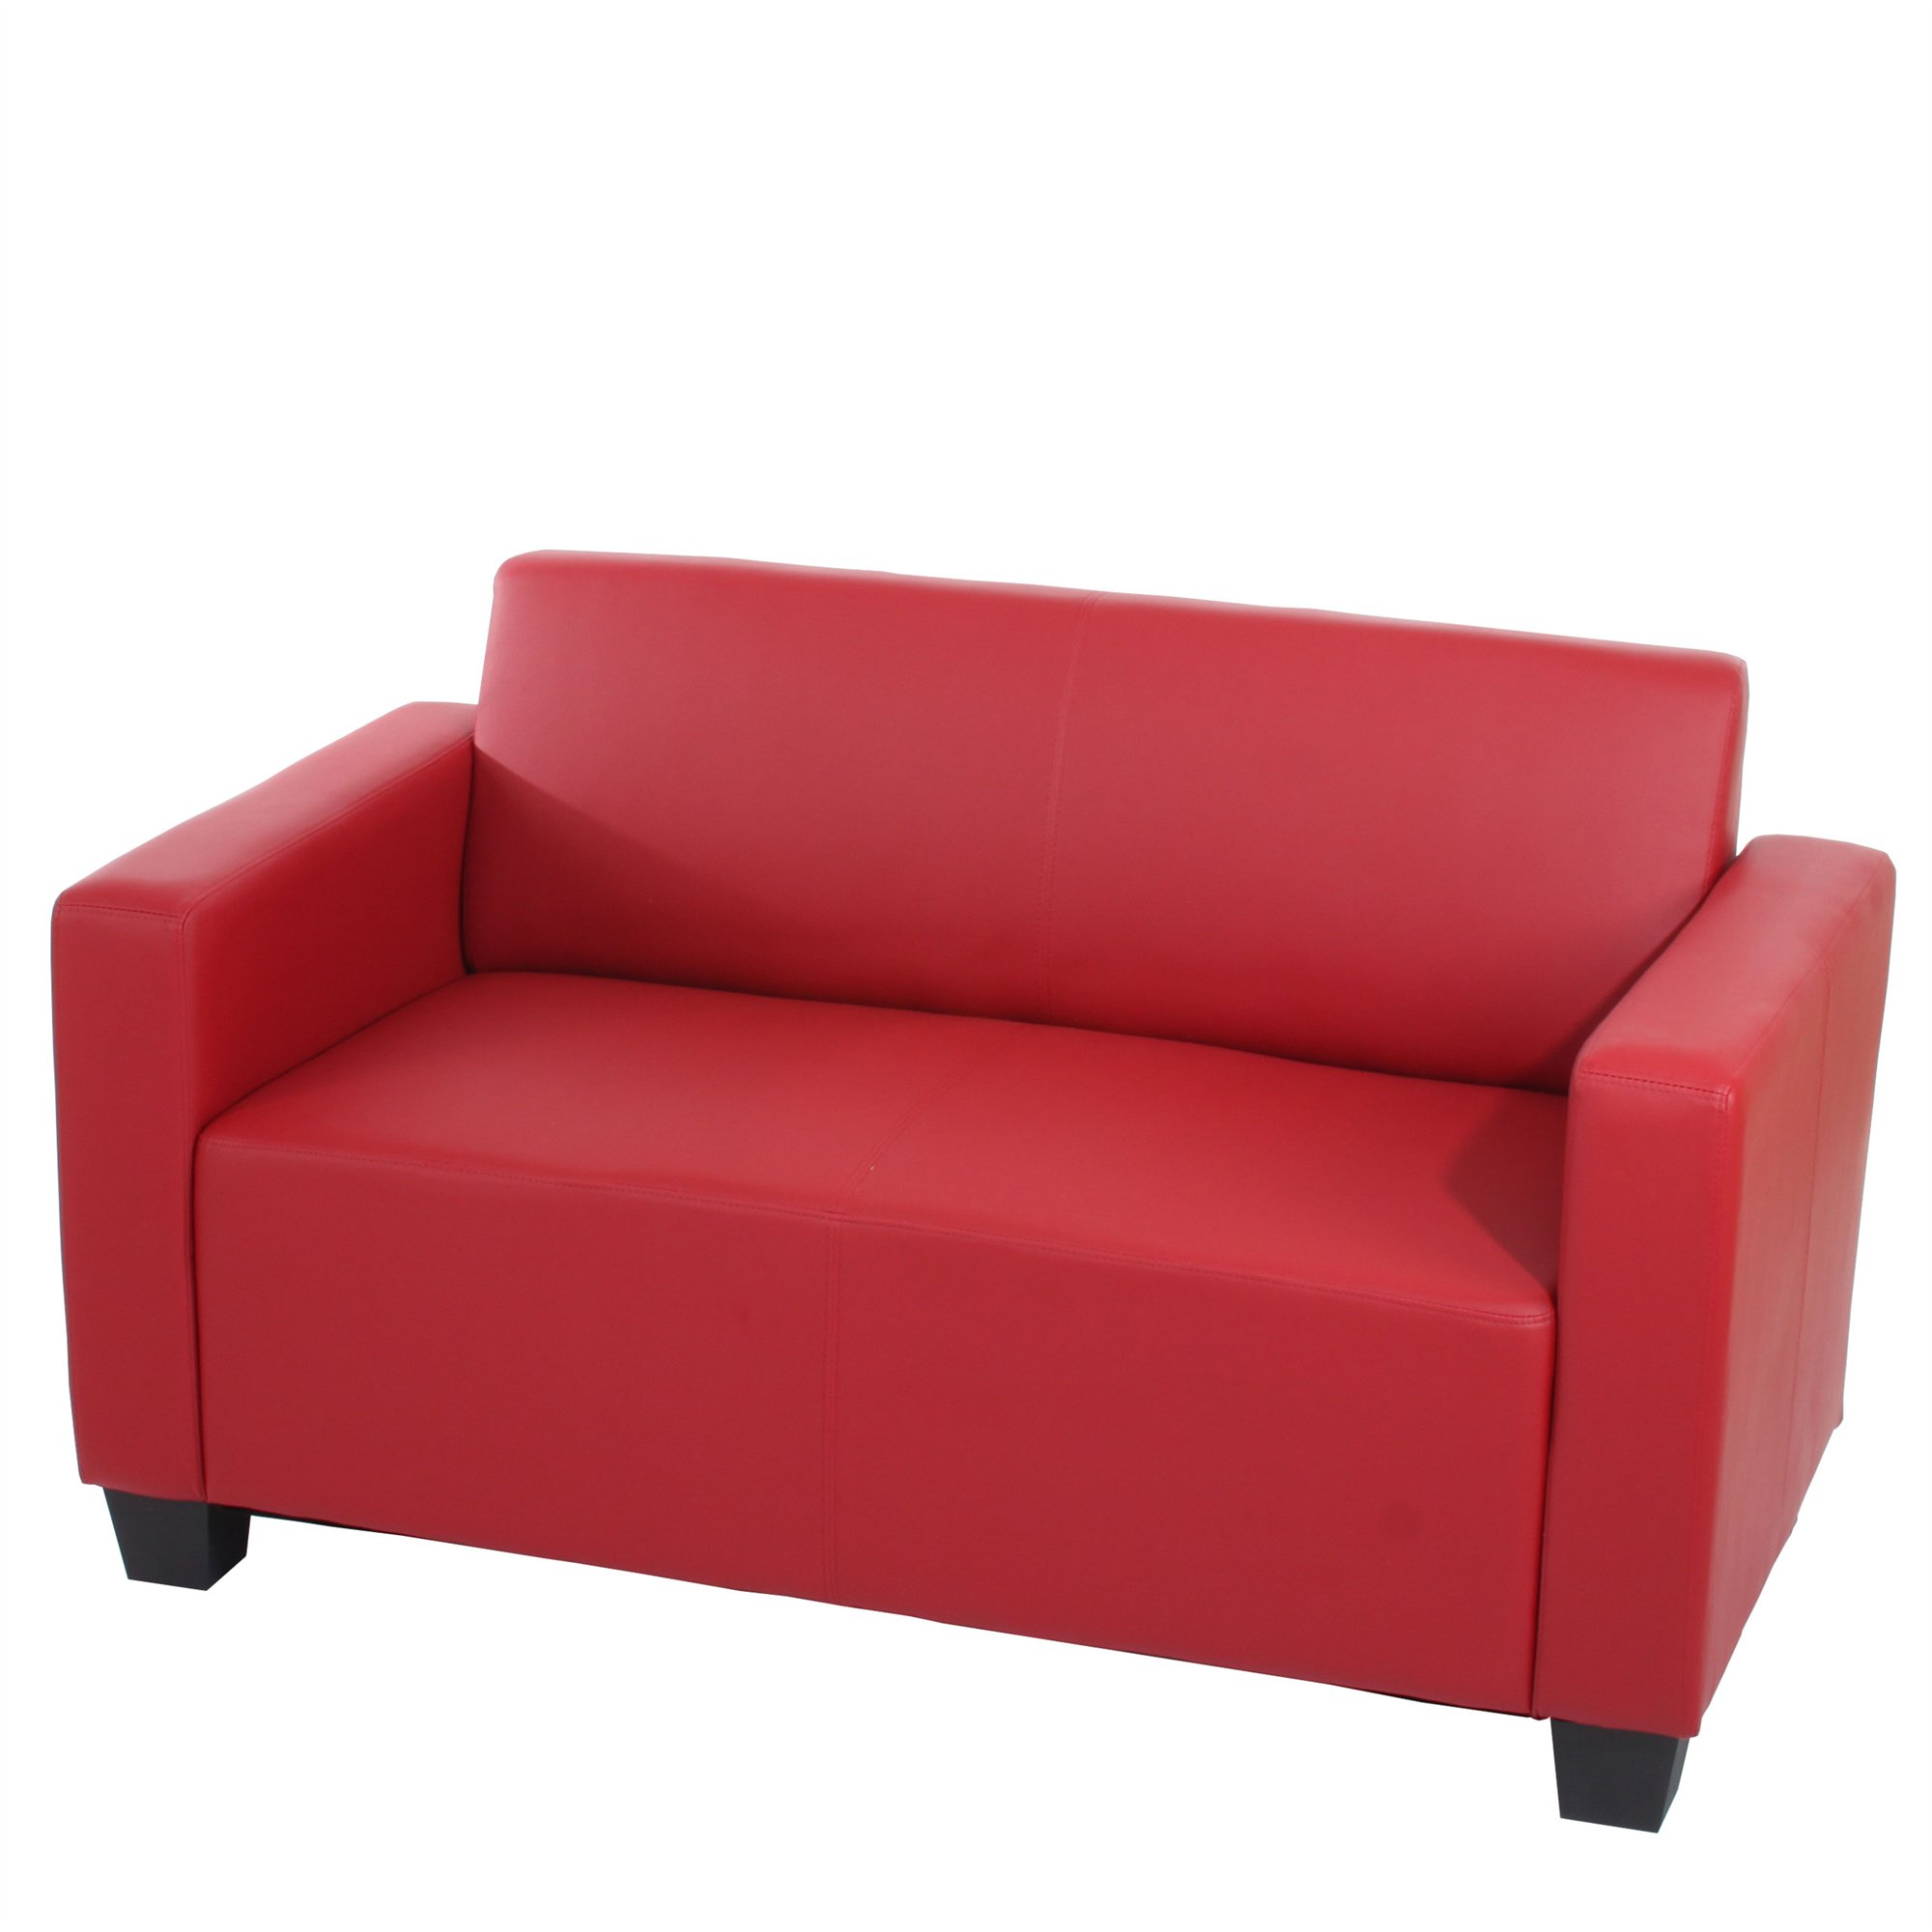 Sofa modular lyon de 2 plazas gran acolchado tapizado en - Canape 2 places rouge ...